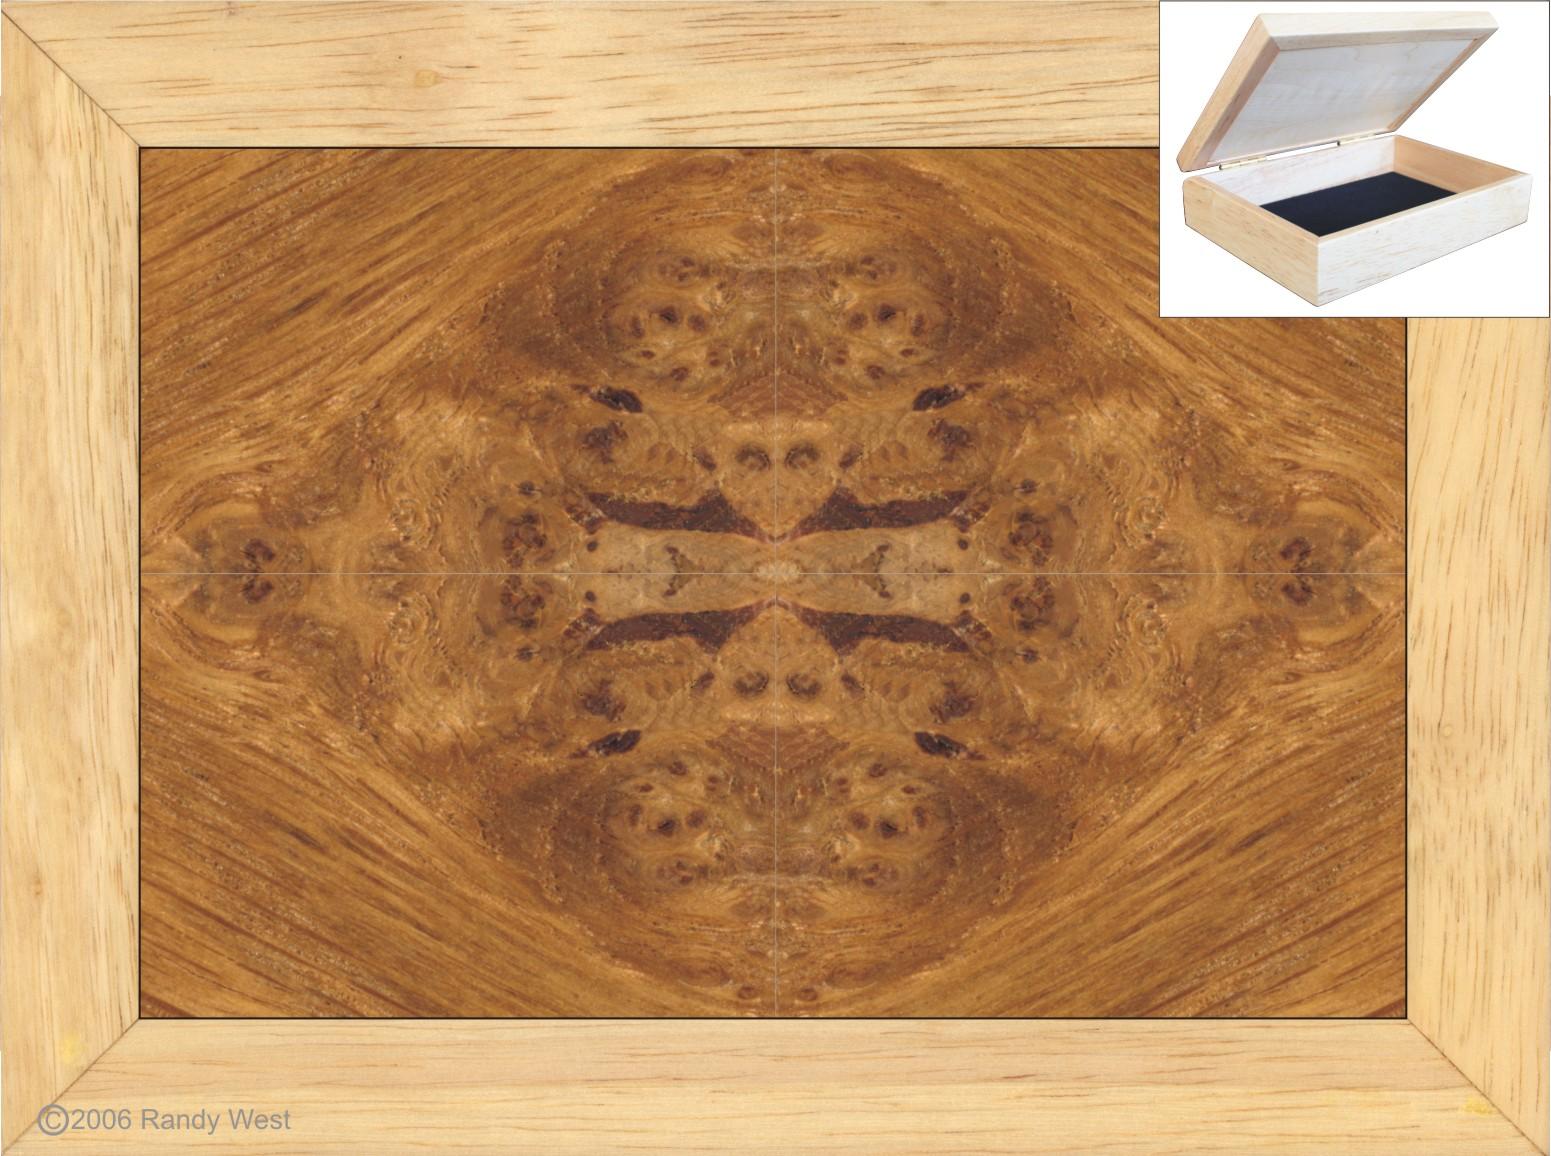 Oak Burl Jewelry Box 4x5